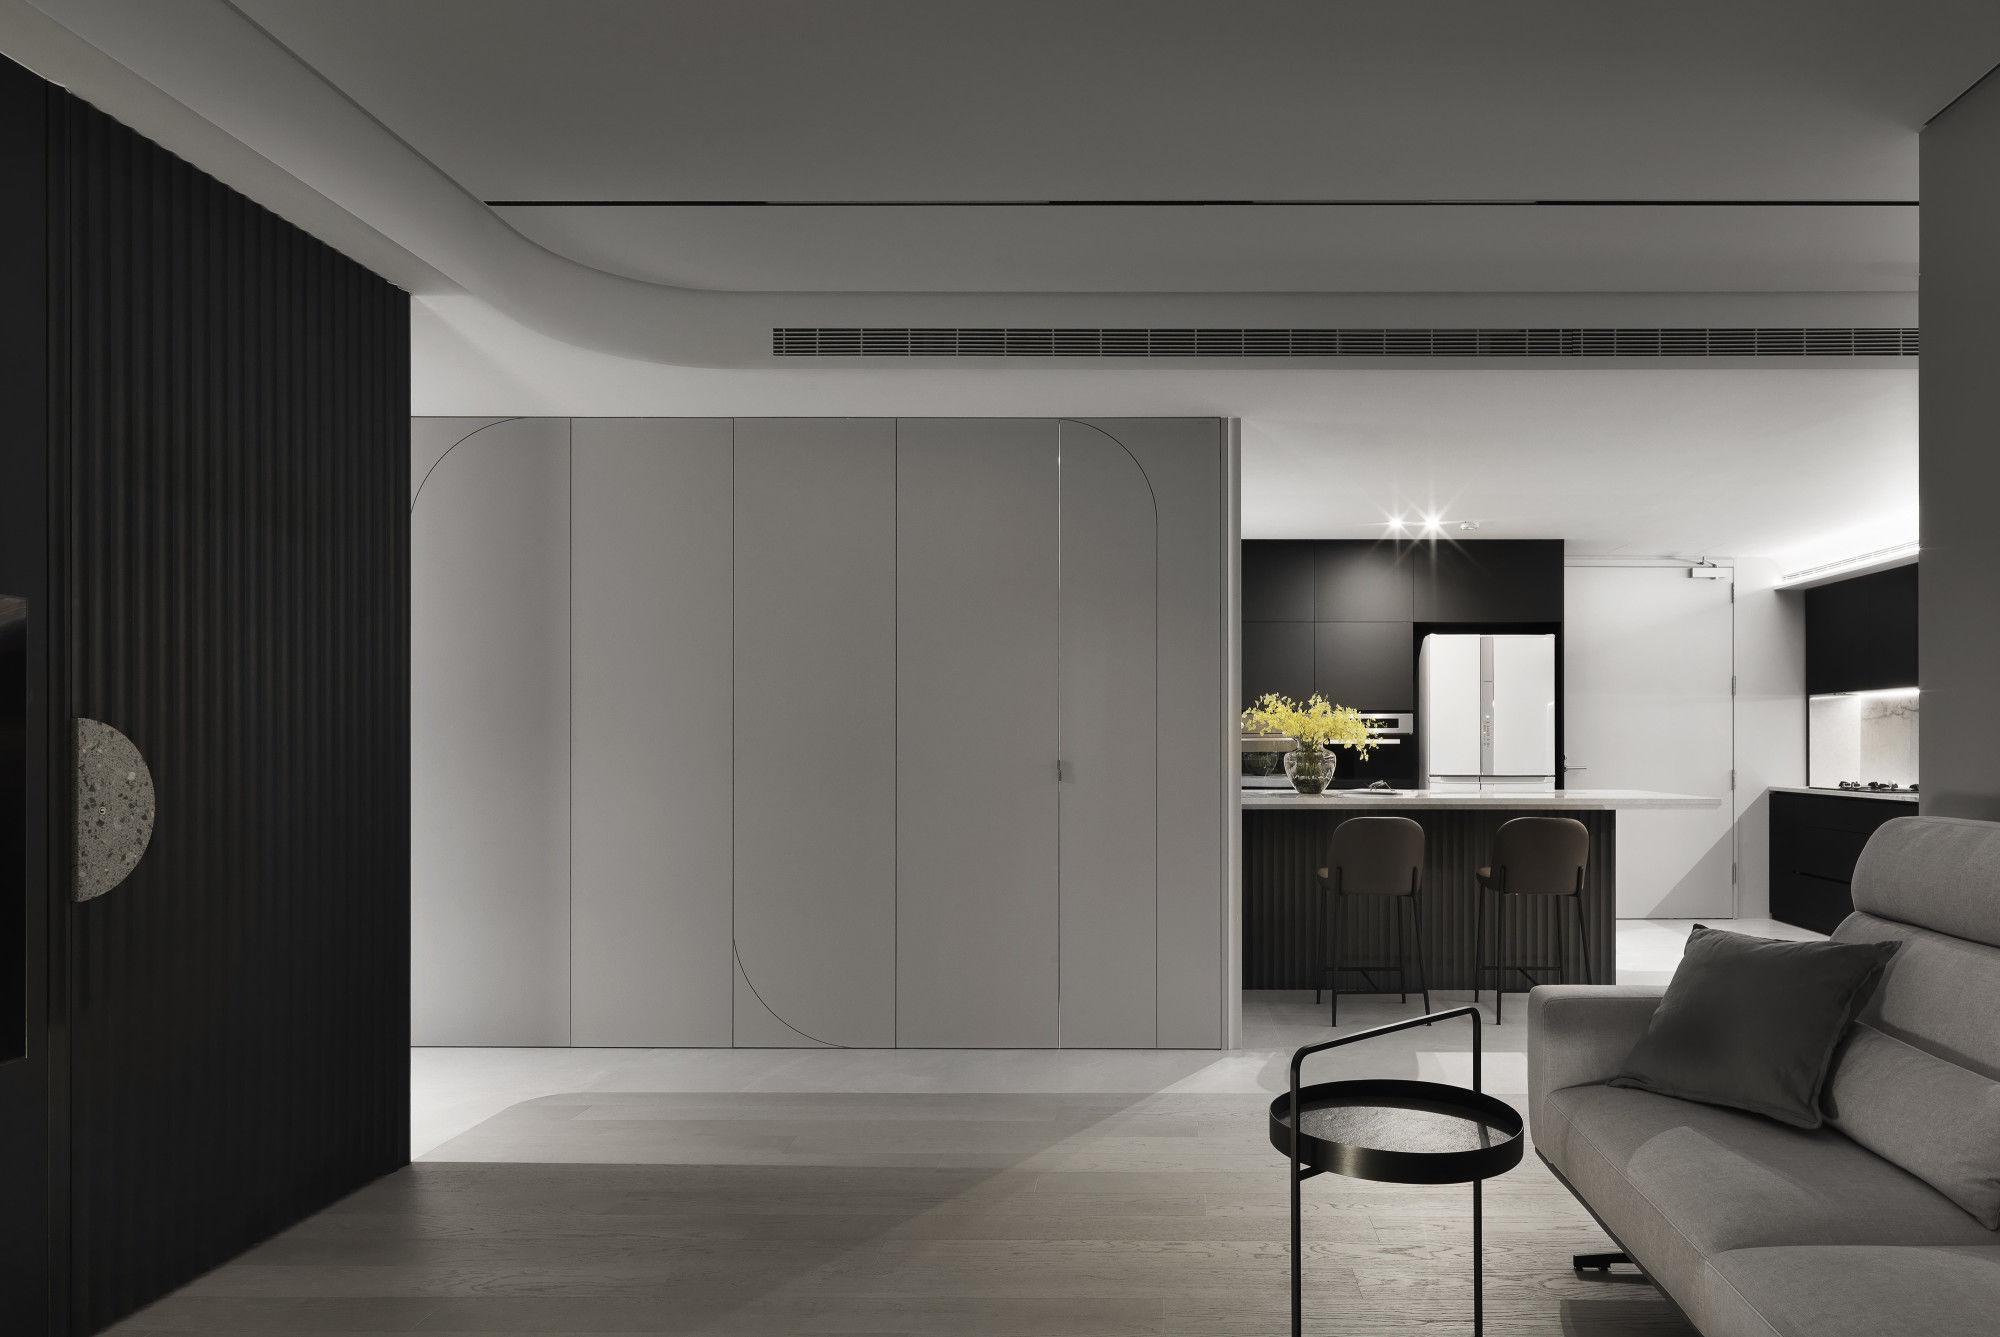 台中分子設計-現代風設計師-台中七期室內設計-電梯大樓整體規劃-客廳、隱藏式收納儲物間、餐廳、輕食區